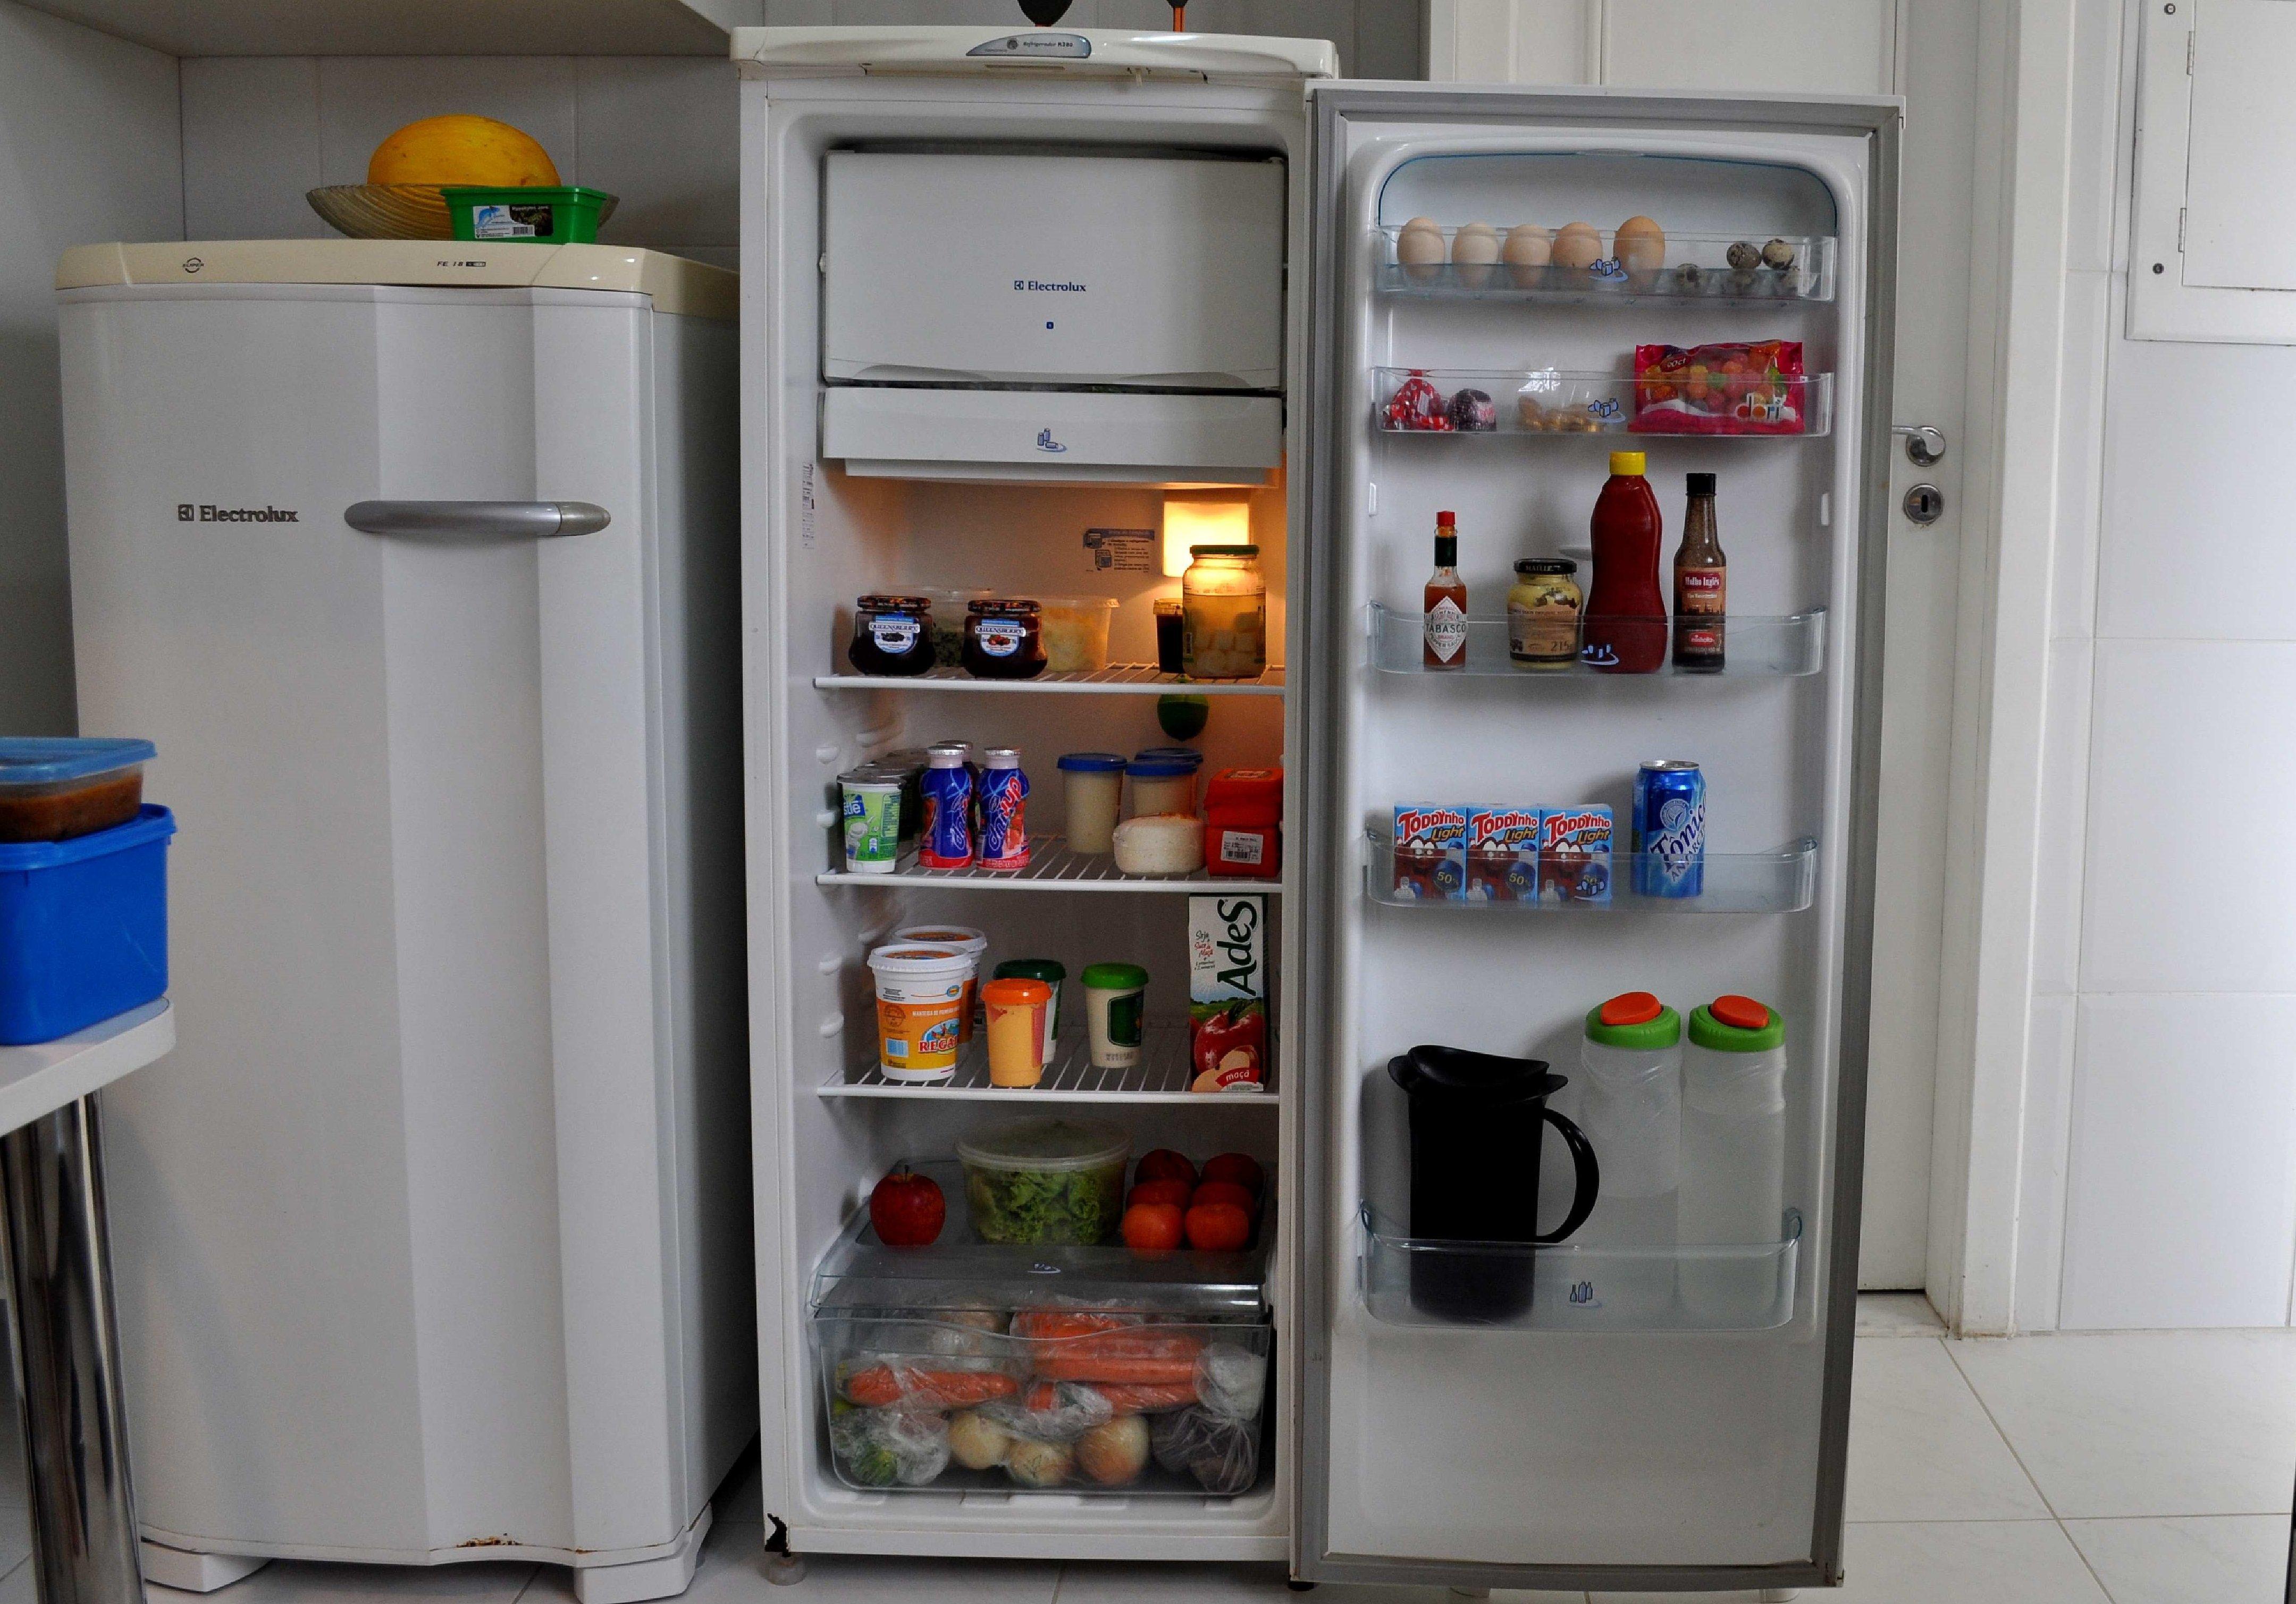 Quel équipement pour frigo choisir et acheter